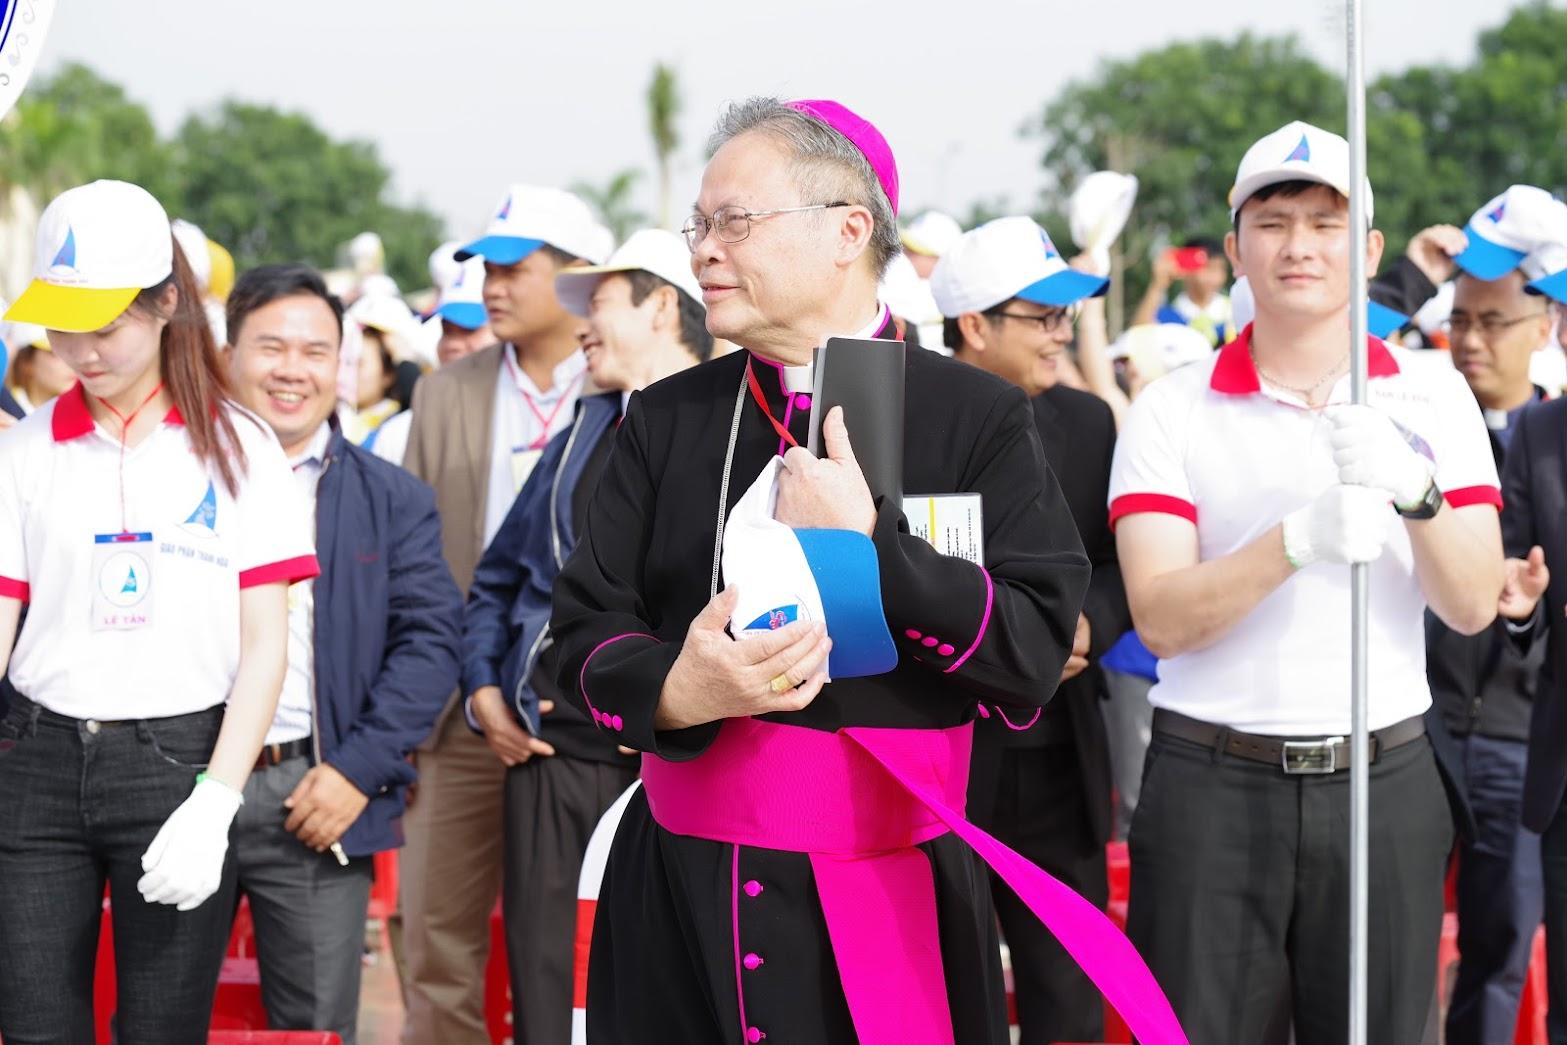 Những hình ảnh đẹp về lễ khai mạc Đại Hội Giới Trẻ giáo tỉnh Hà Nội lần thứ XV tại Thanh Hóa - Ảnh minh hoạ 23